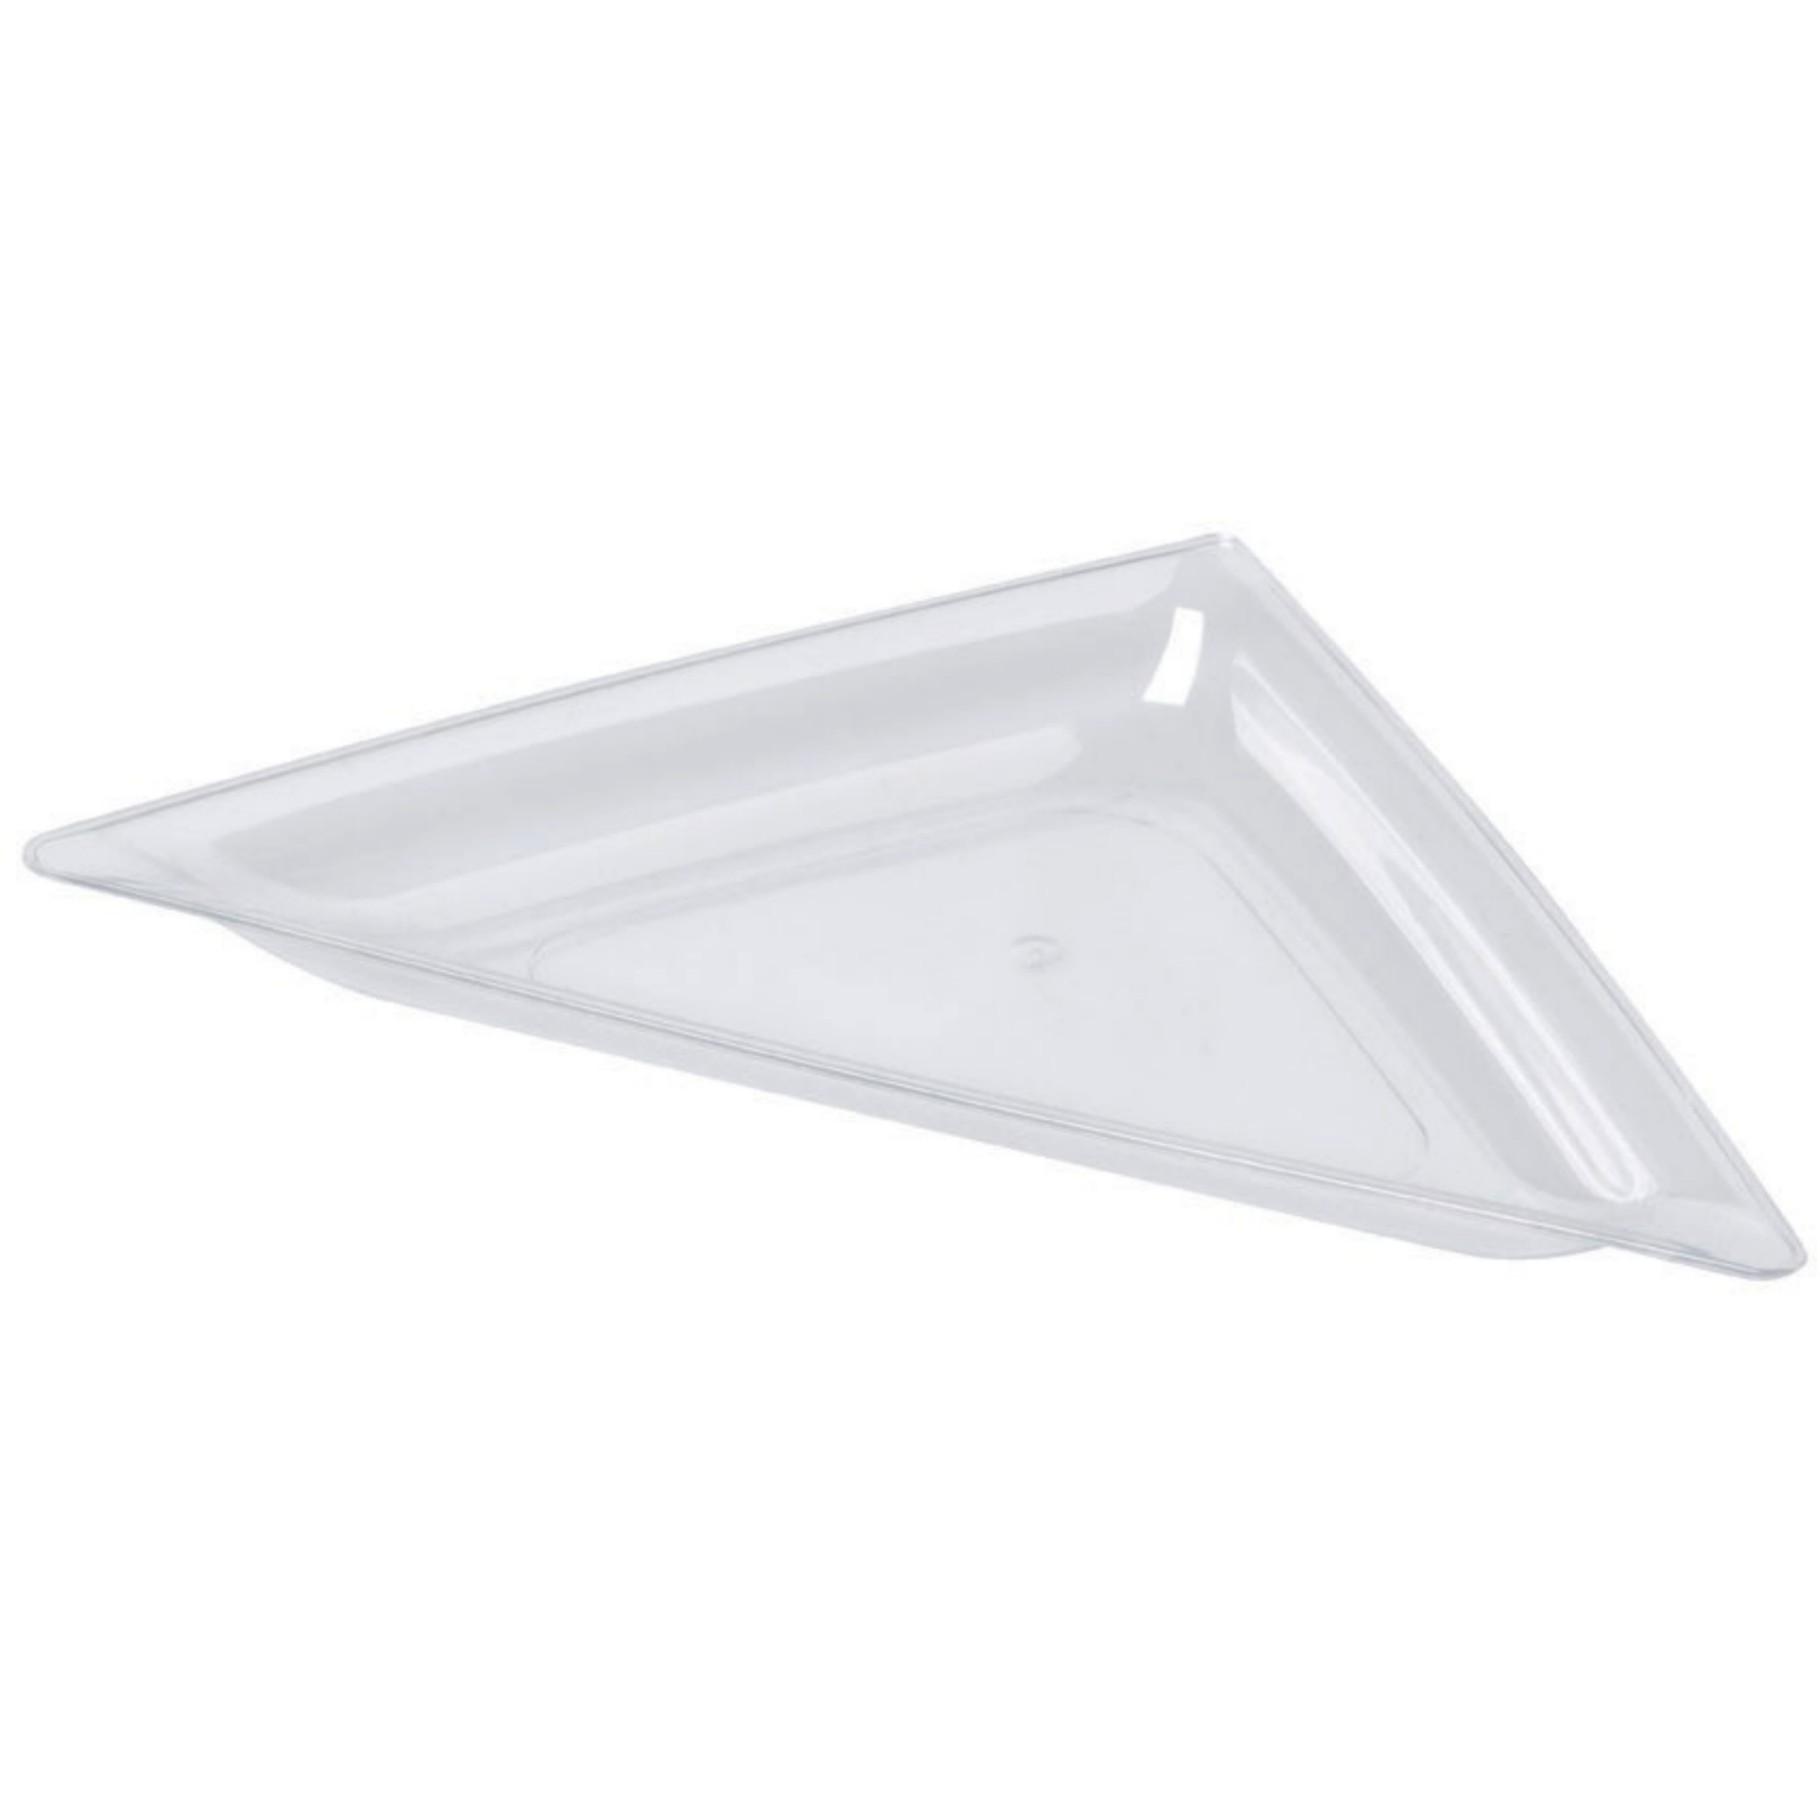 Talířek - trojúhelník, balení 180ks